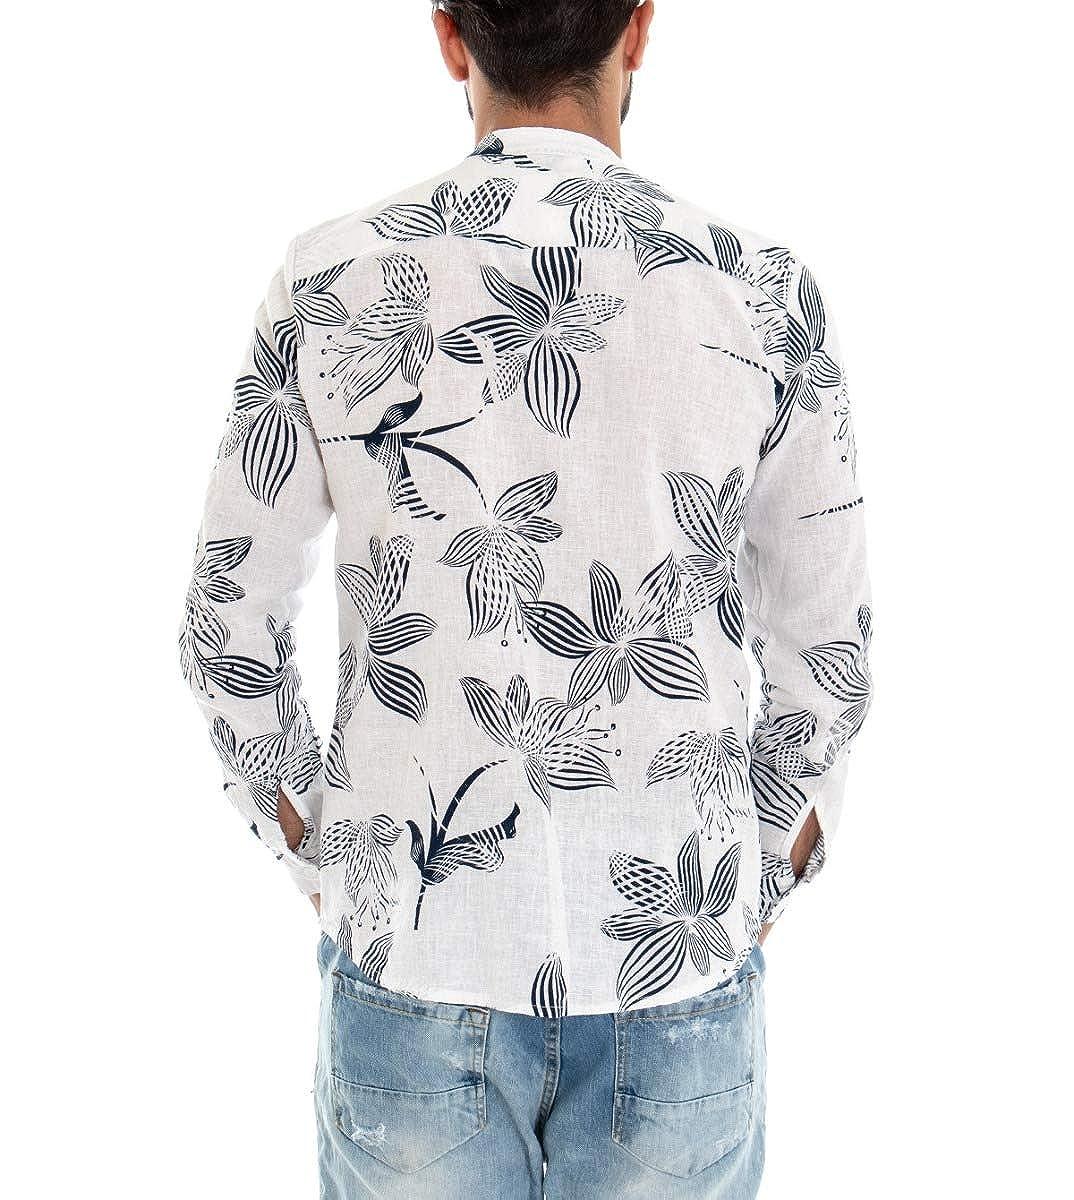 Camicia Uomo Maniche Lunghe Collo Coreano Fantasia Floreale Fiori Lino Casual GIOSAL